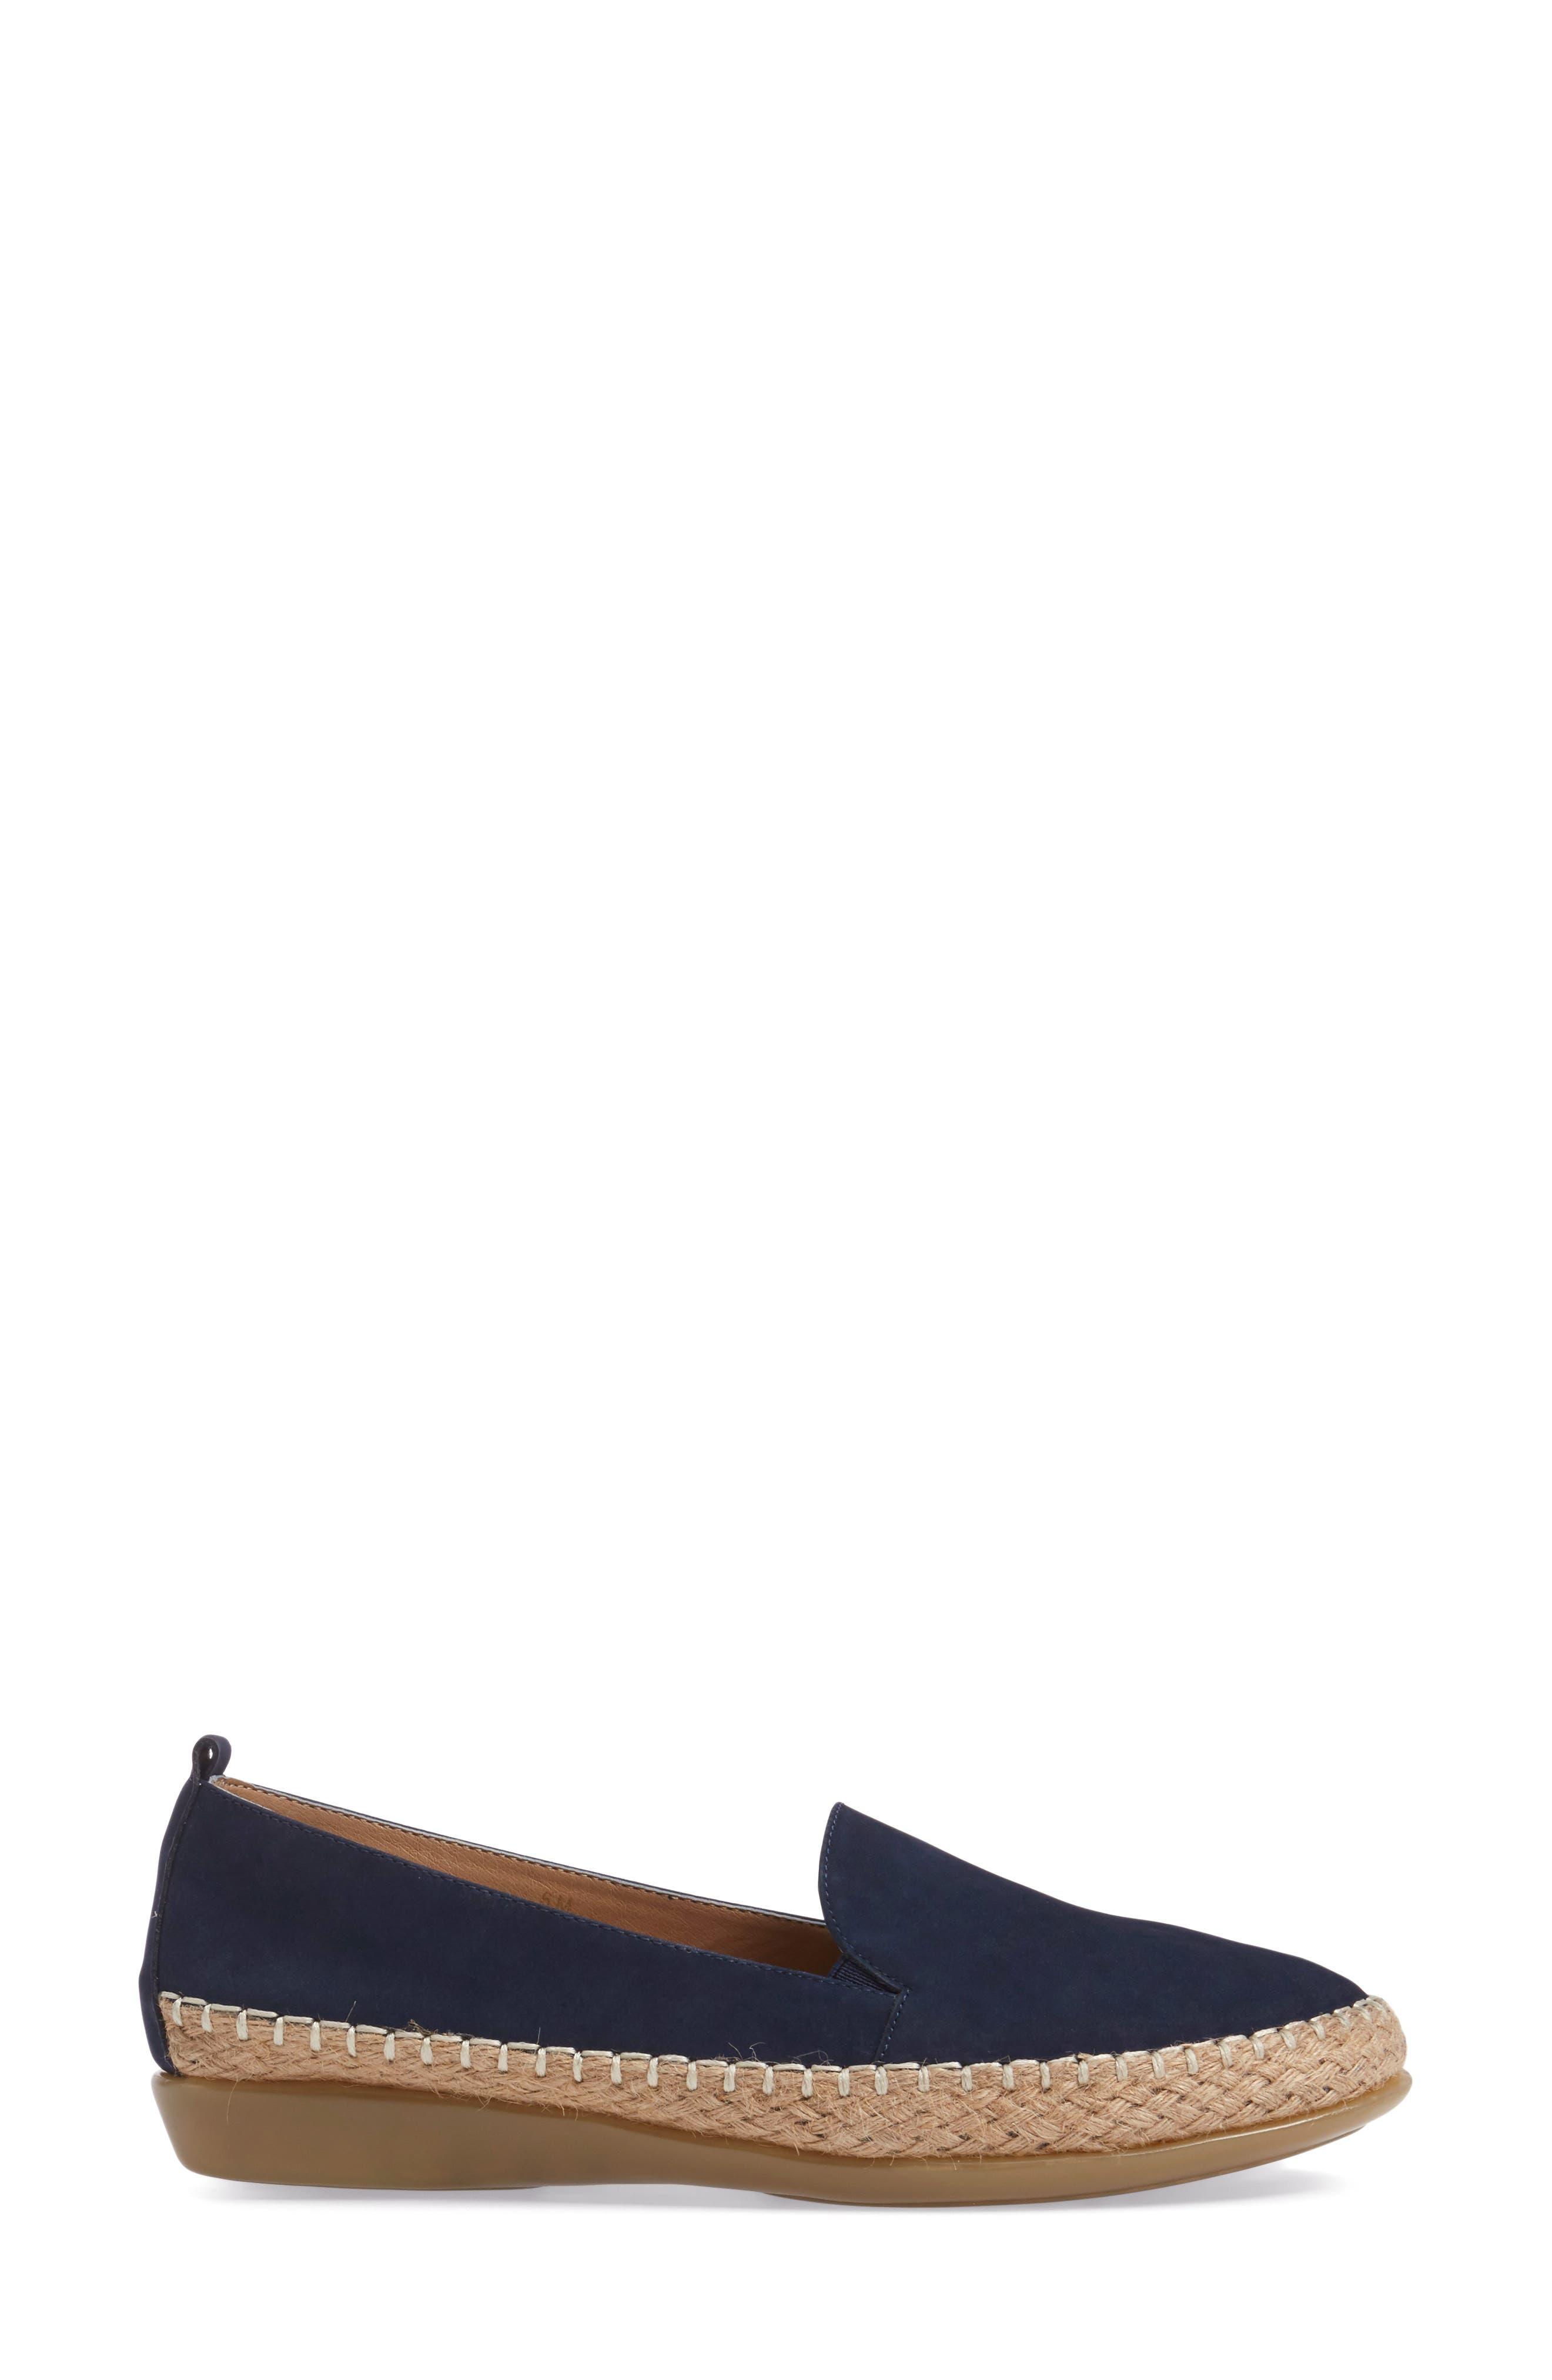 Nadette Espadrille Loafer Flat,                             Alternate thumbnail 11, color,